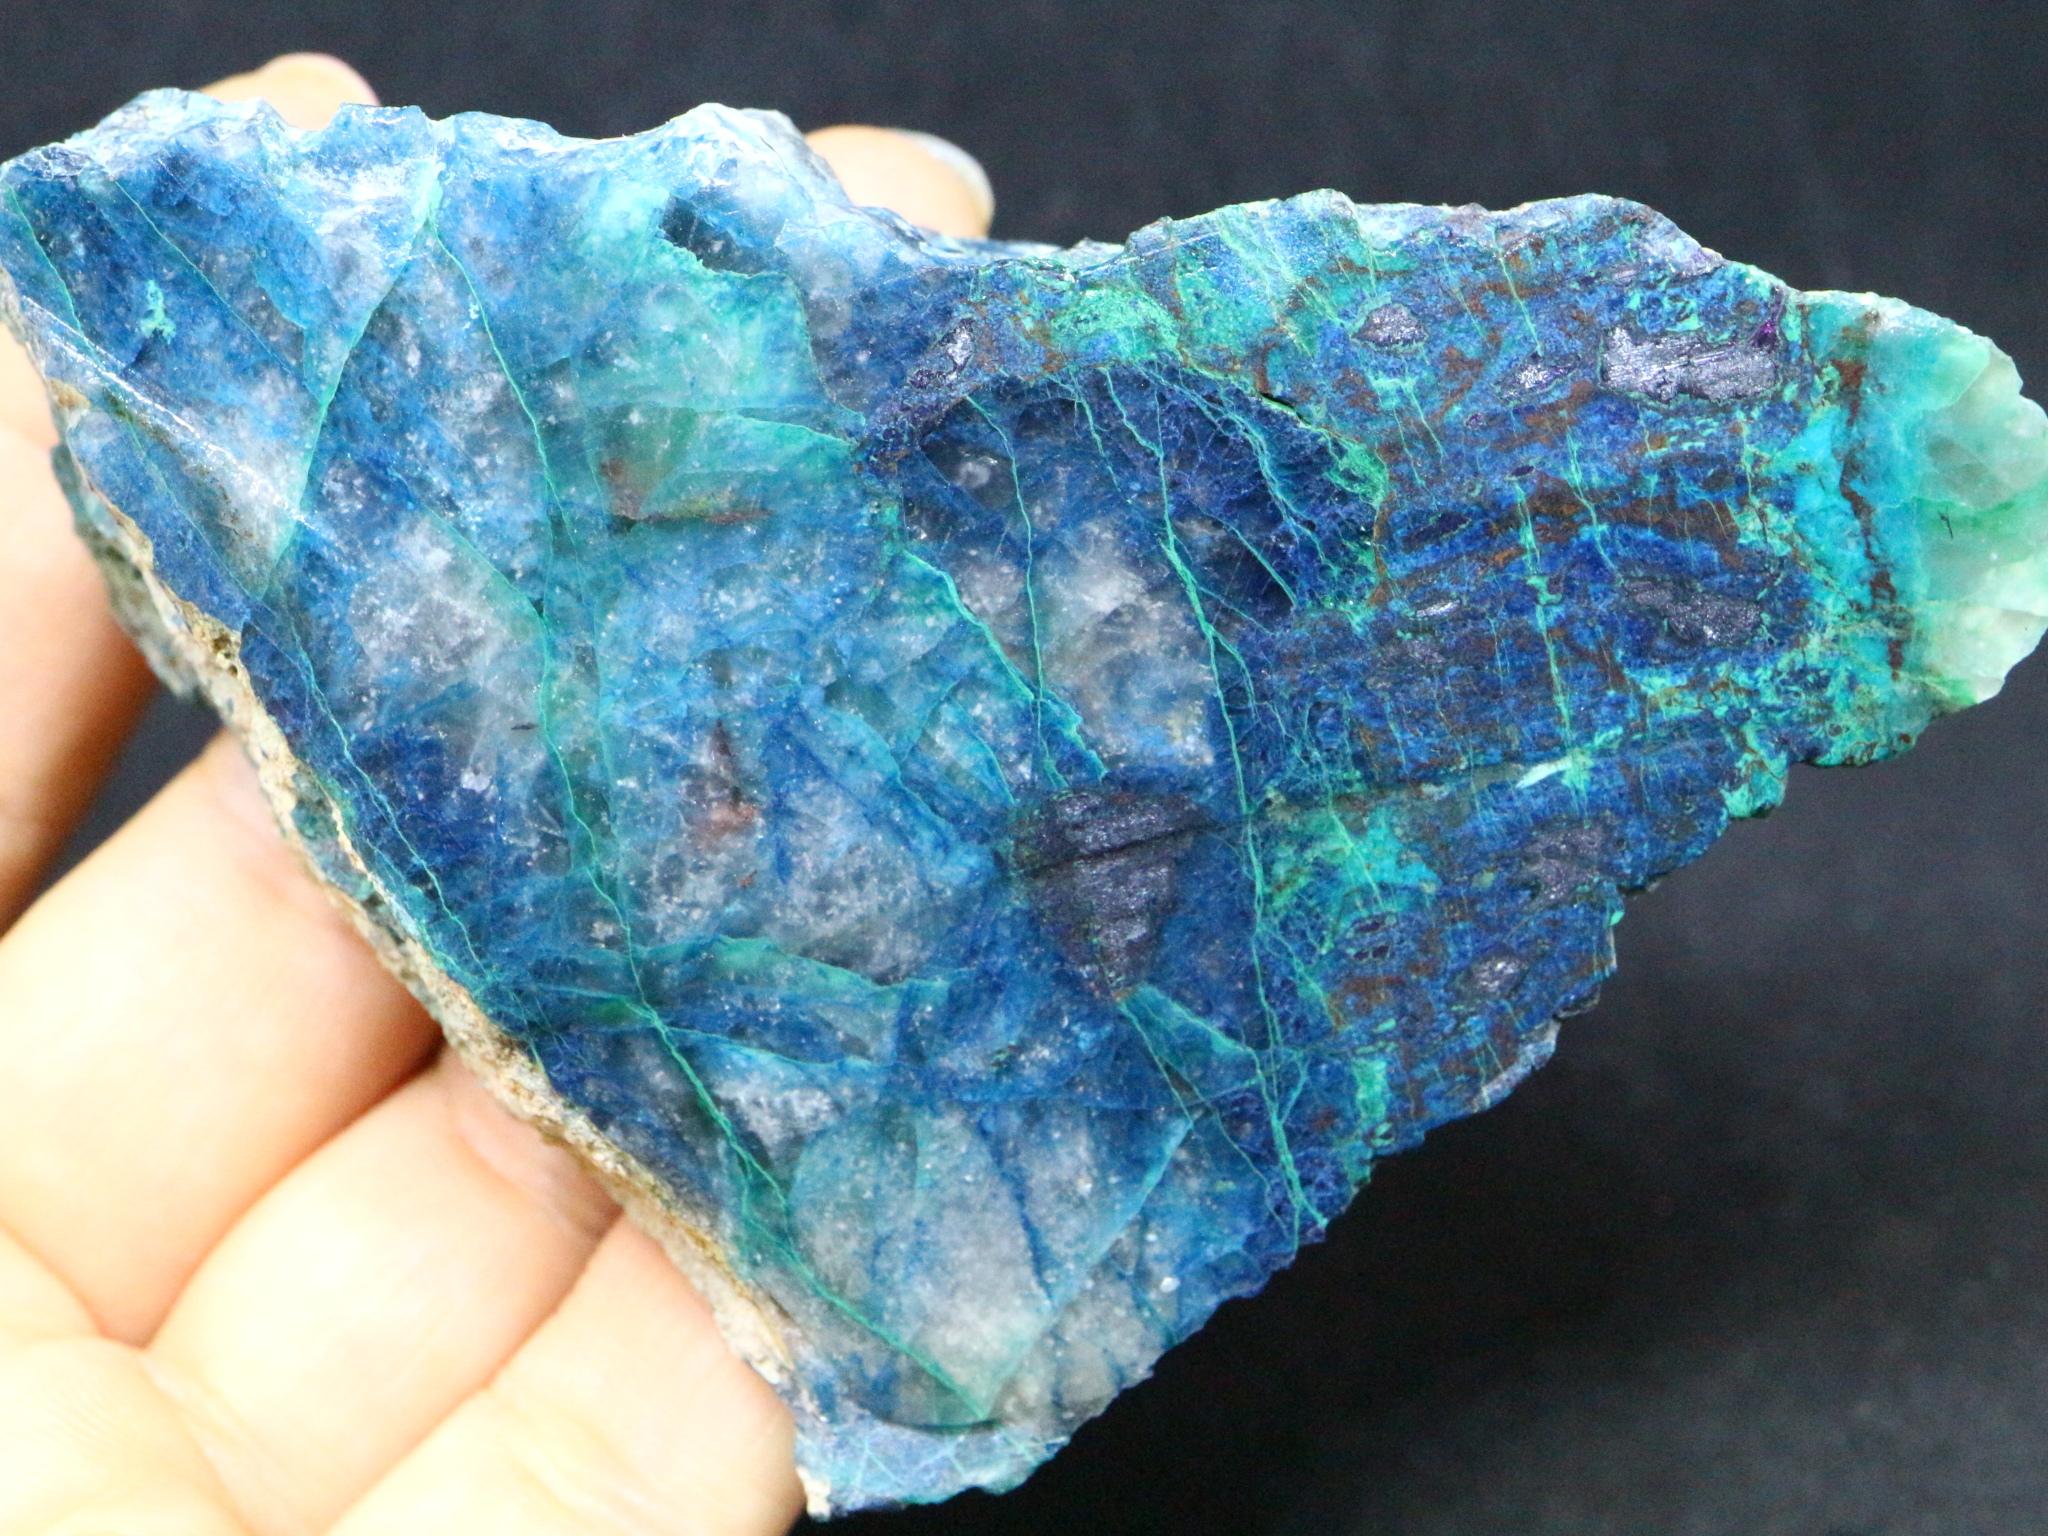 シャッタカイト 原石 132,4g SHK001 アリゾナ州産